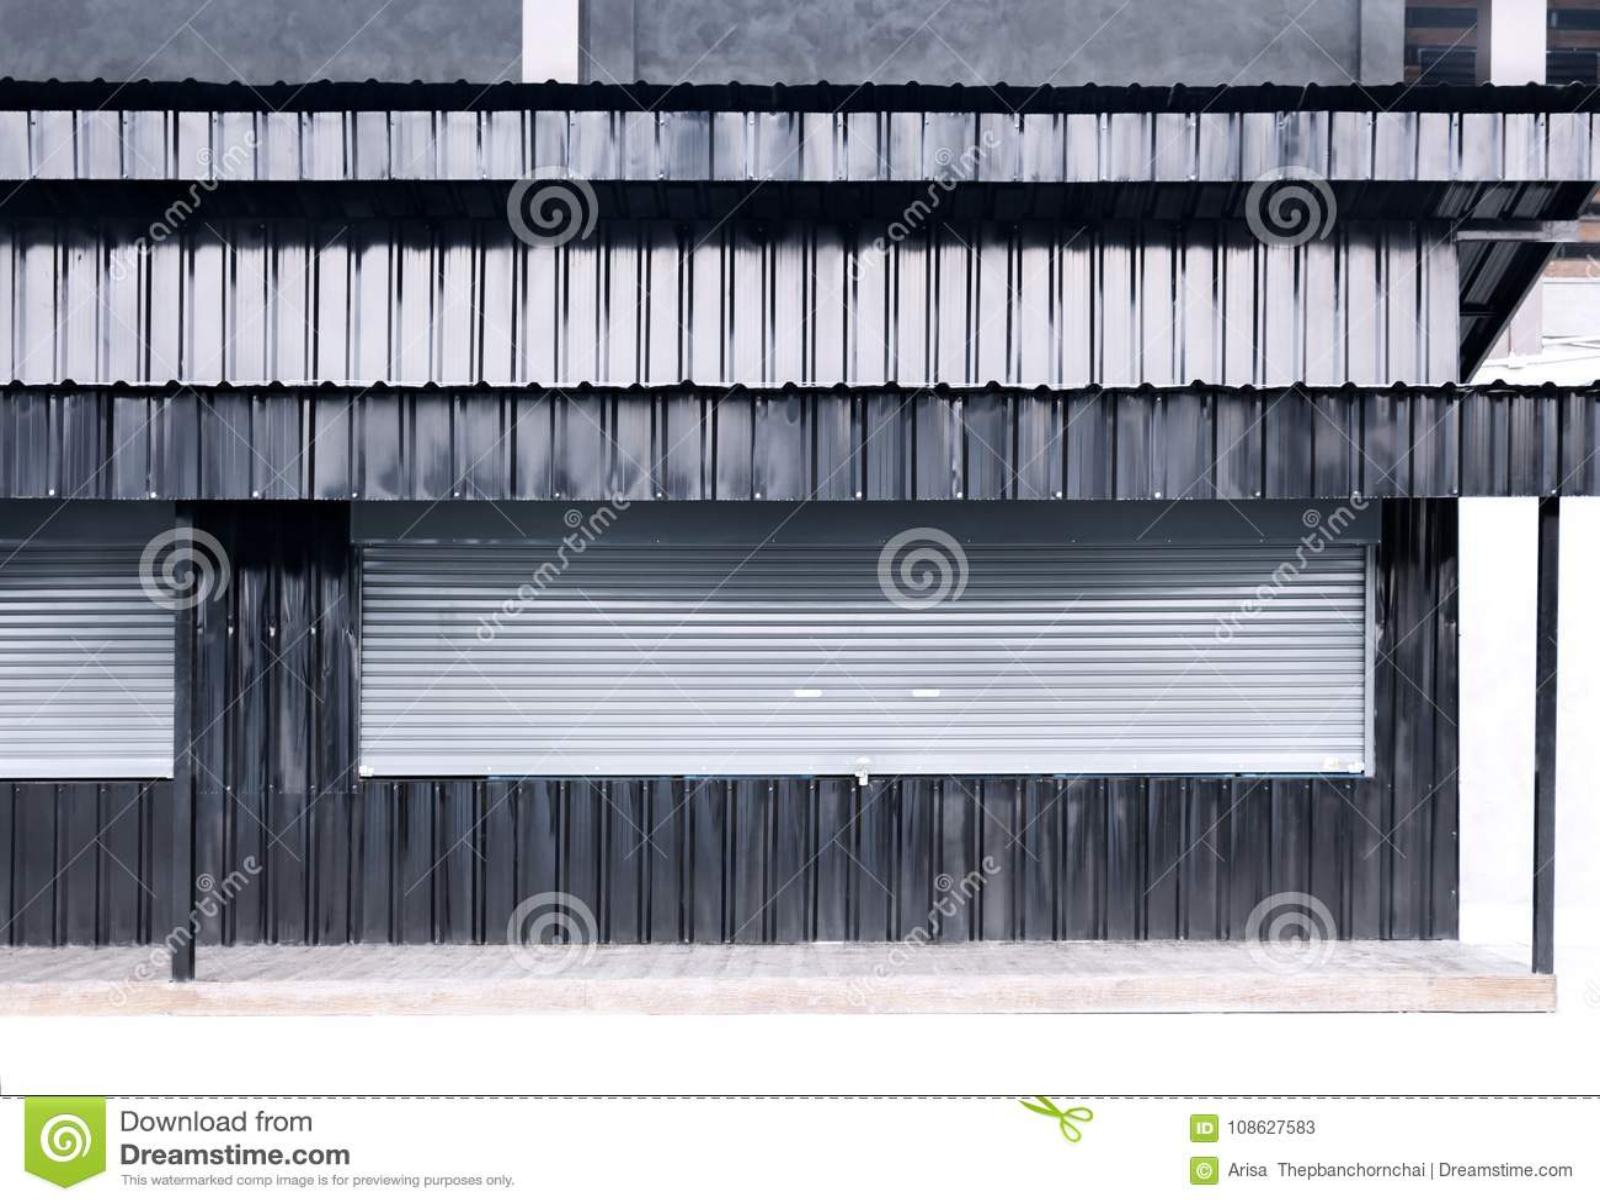 Stänga med fönsterluckor corr för textur för zink för metall för det rulldörraluminium och arket